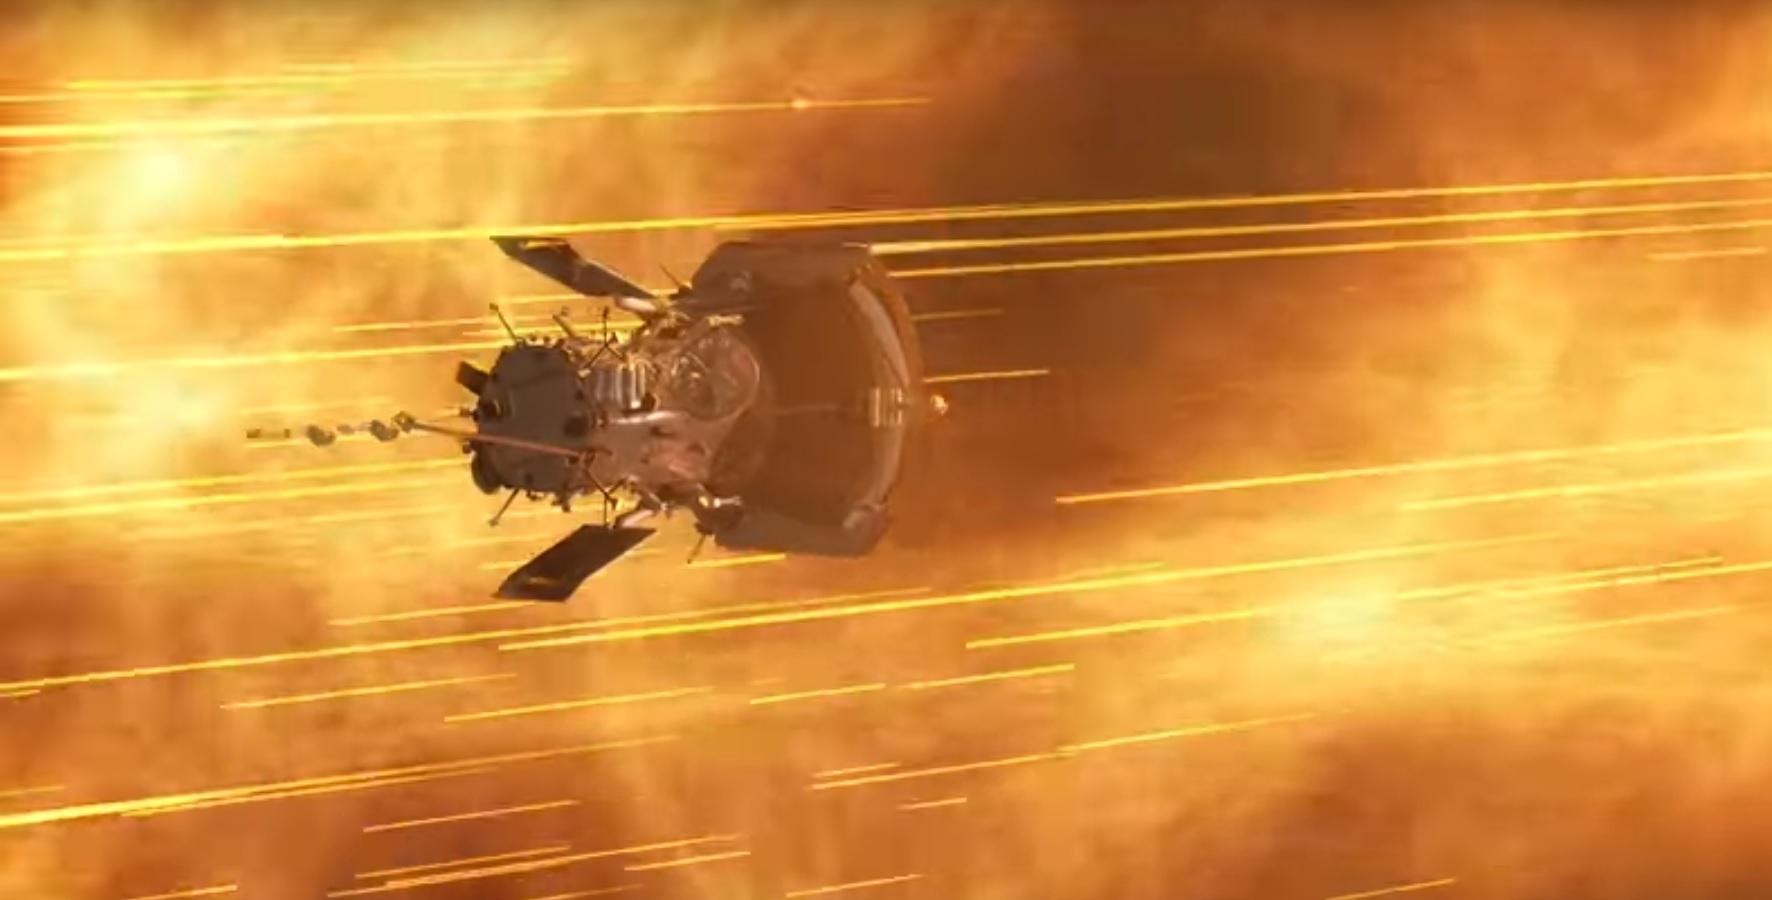 Műszaki hiba miatt elhalasztotta a NASA a Napot tanulmányozó űrszonda fellövését